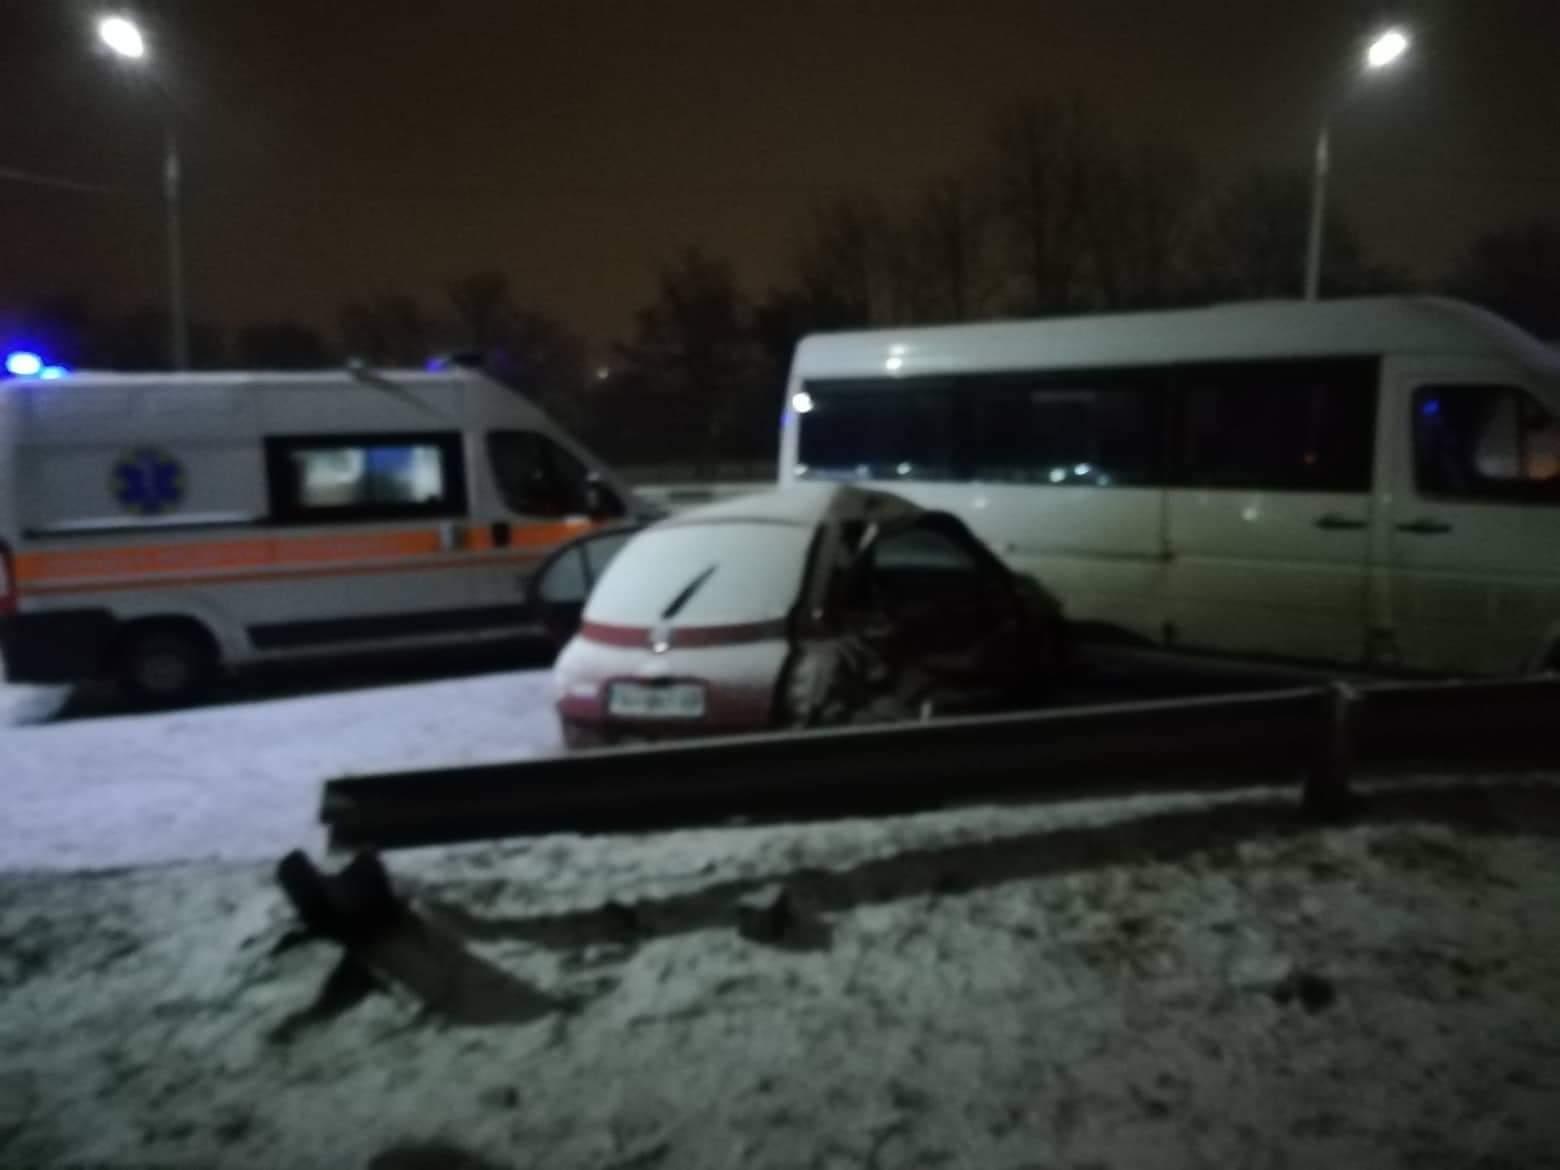 В Шевченковском районе Запорожья столкнулись легковушка с маршруткой: погиб ребенок - ФОТО, ВИДЕО